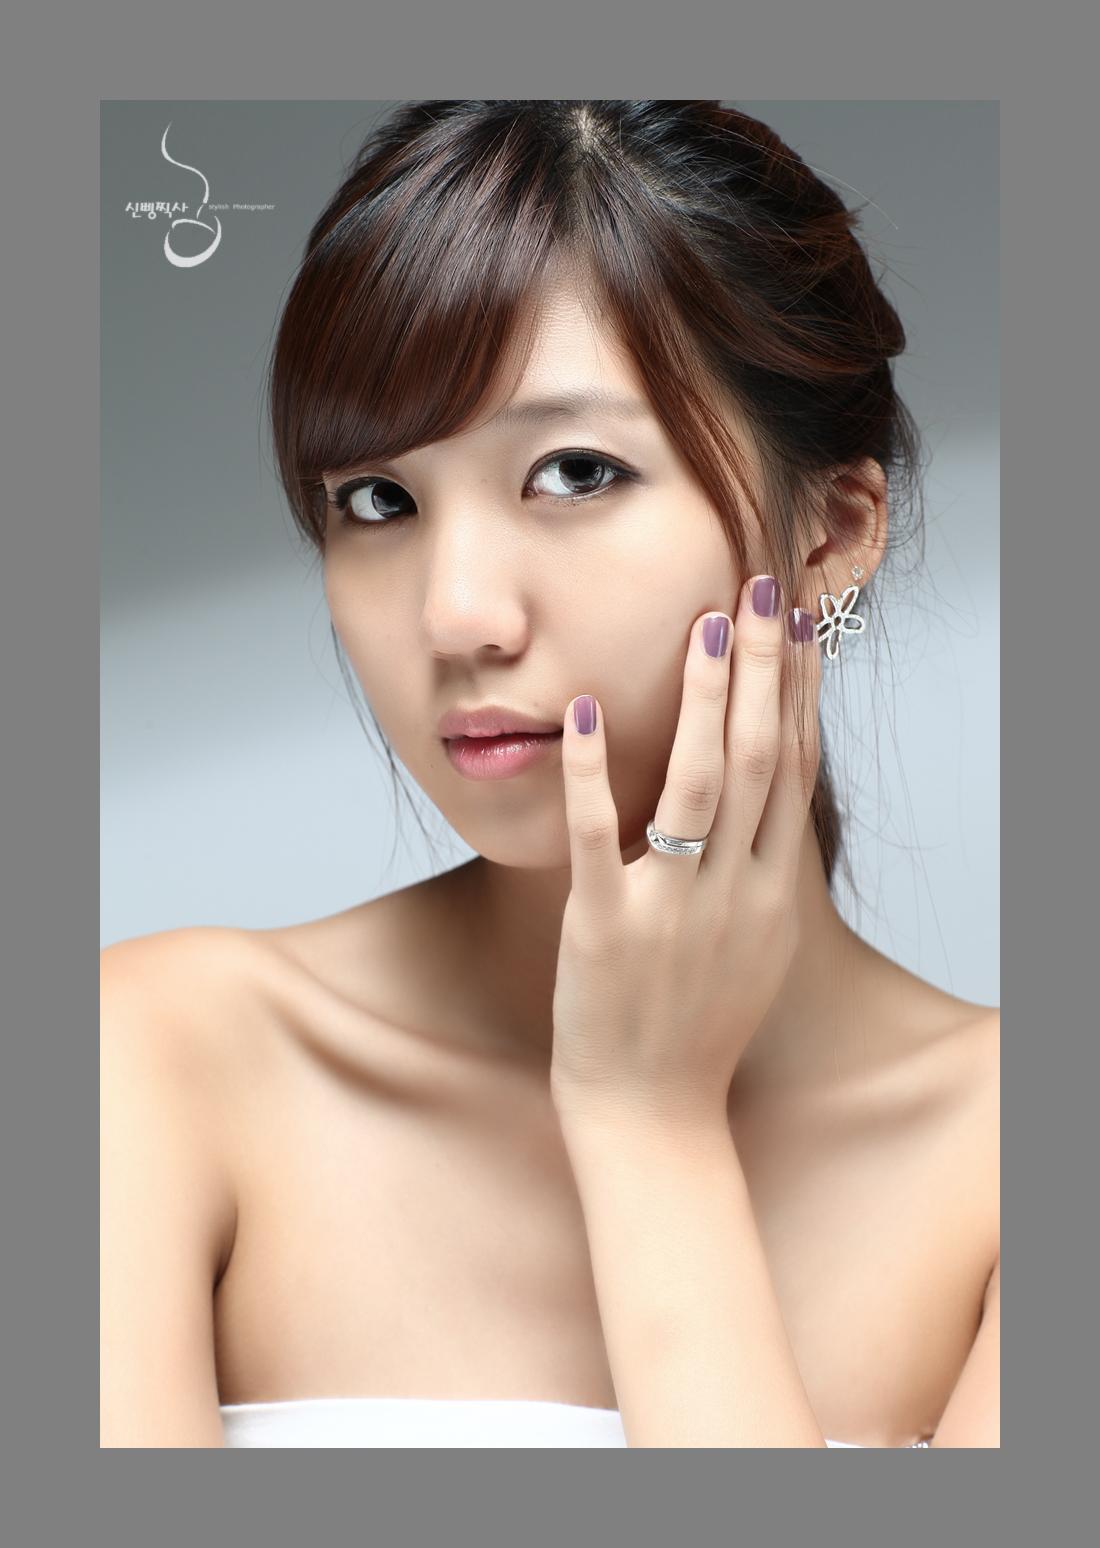 Download this Han Eun Cute Korean Model picture